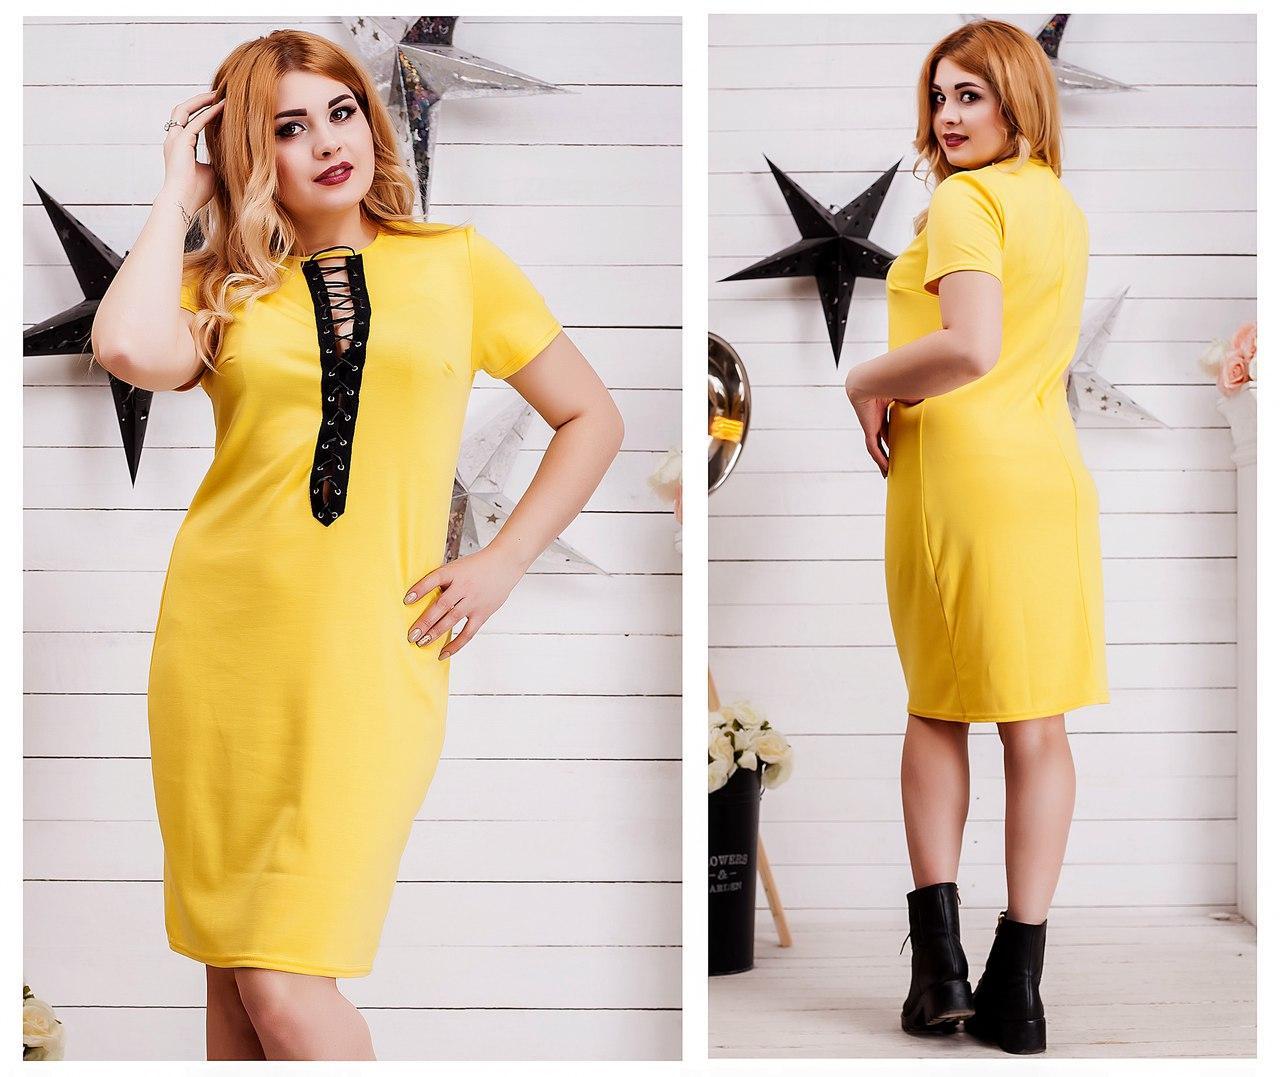 Большие груди в облегаюшем платье фото 665-123